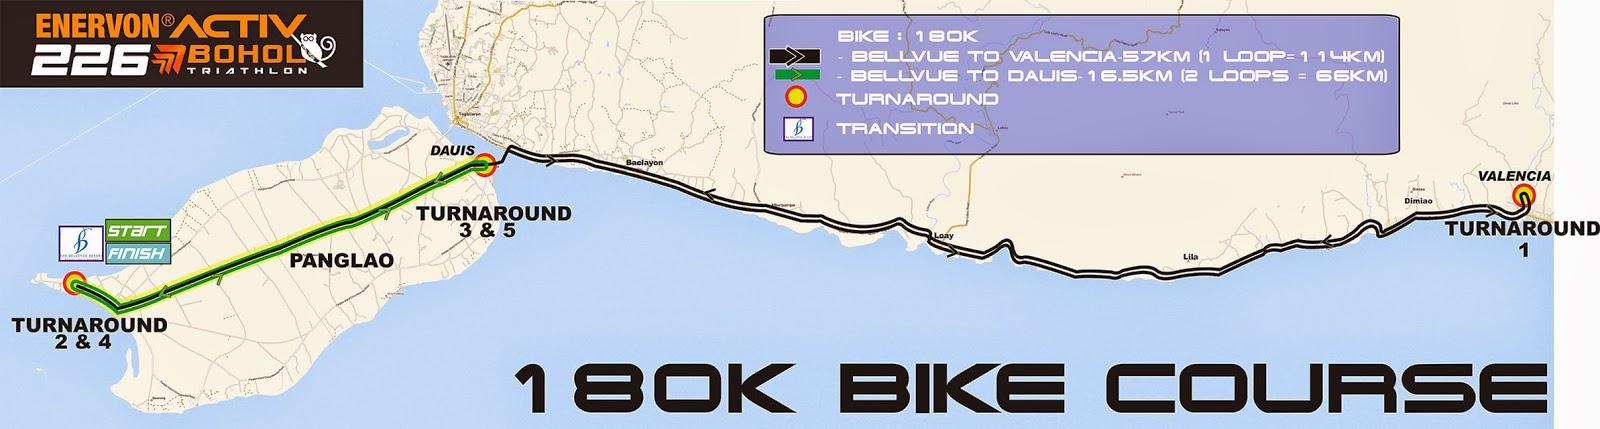 Bohol 226 Bike Route